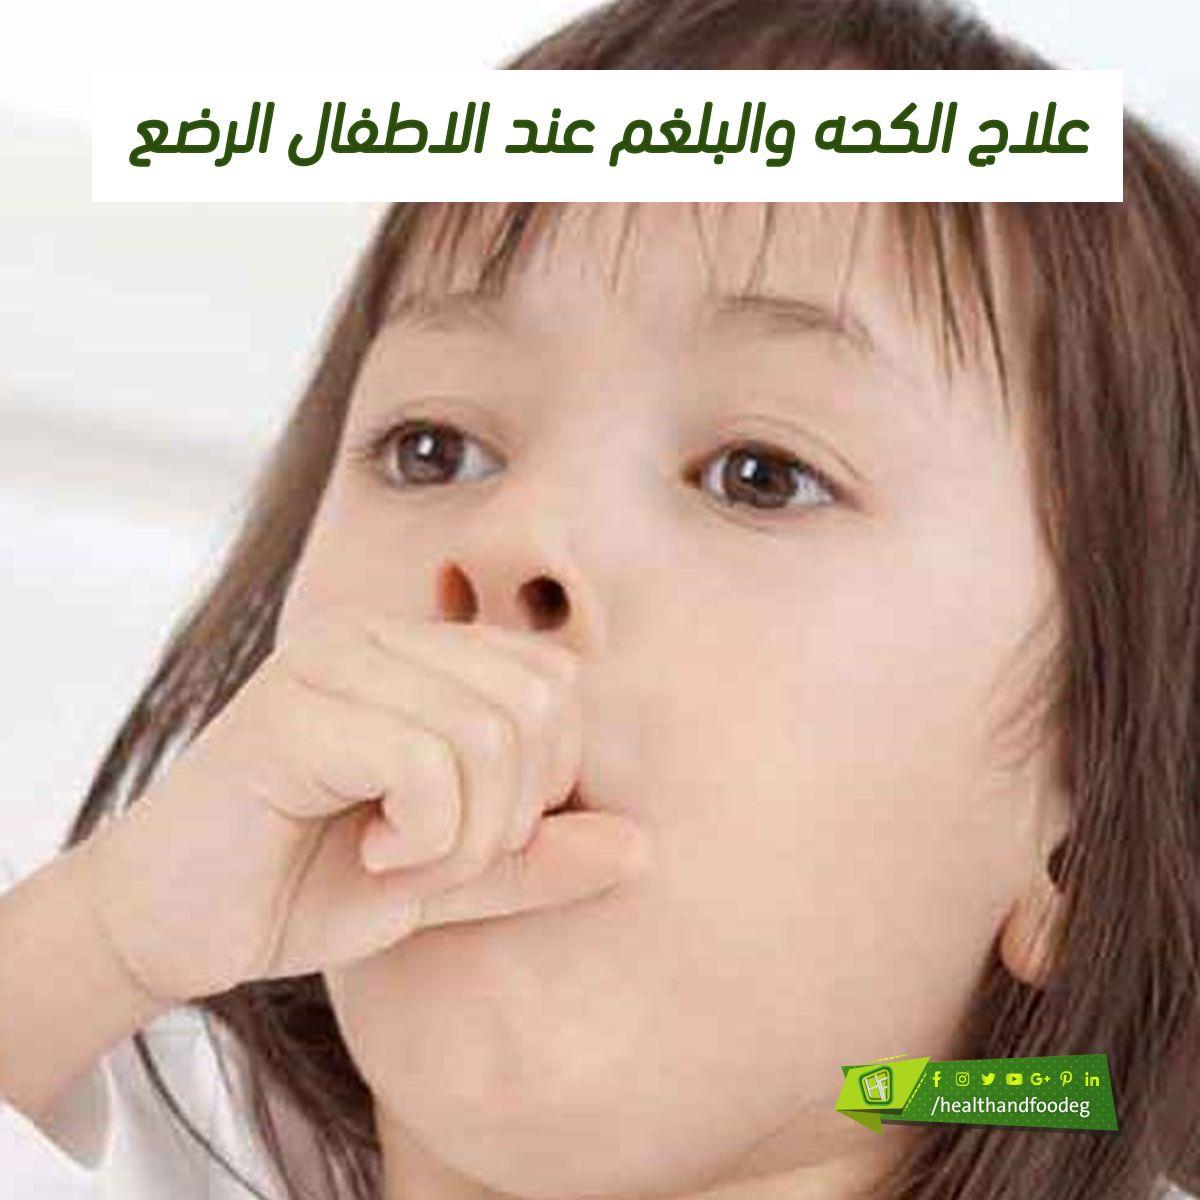 علاج الكحه والبلغم عند الاطفال الرضع